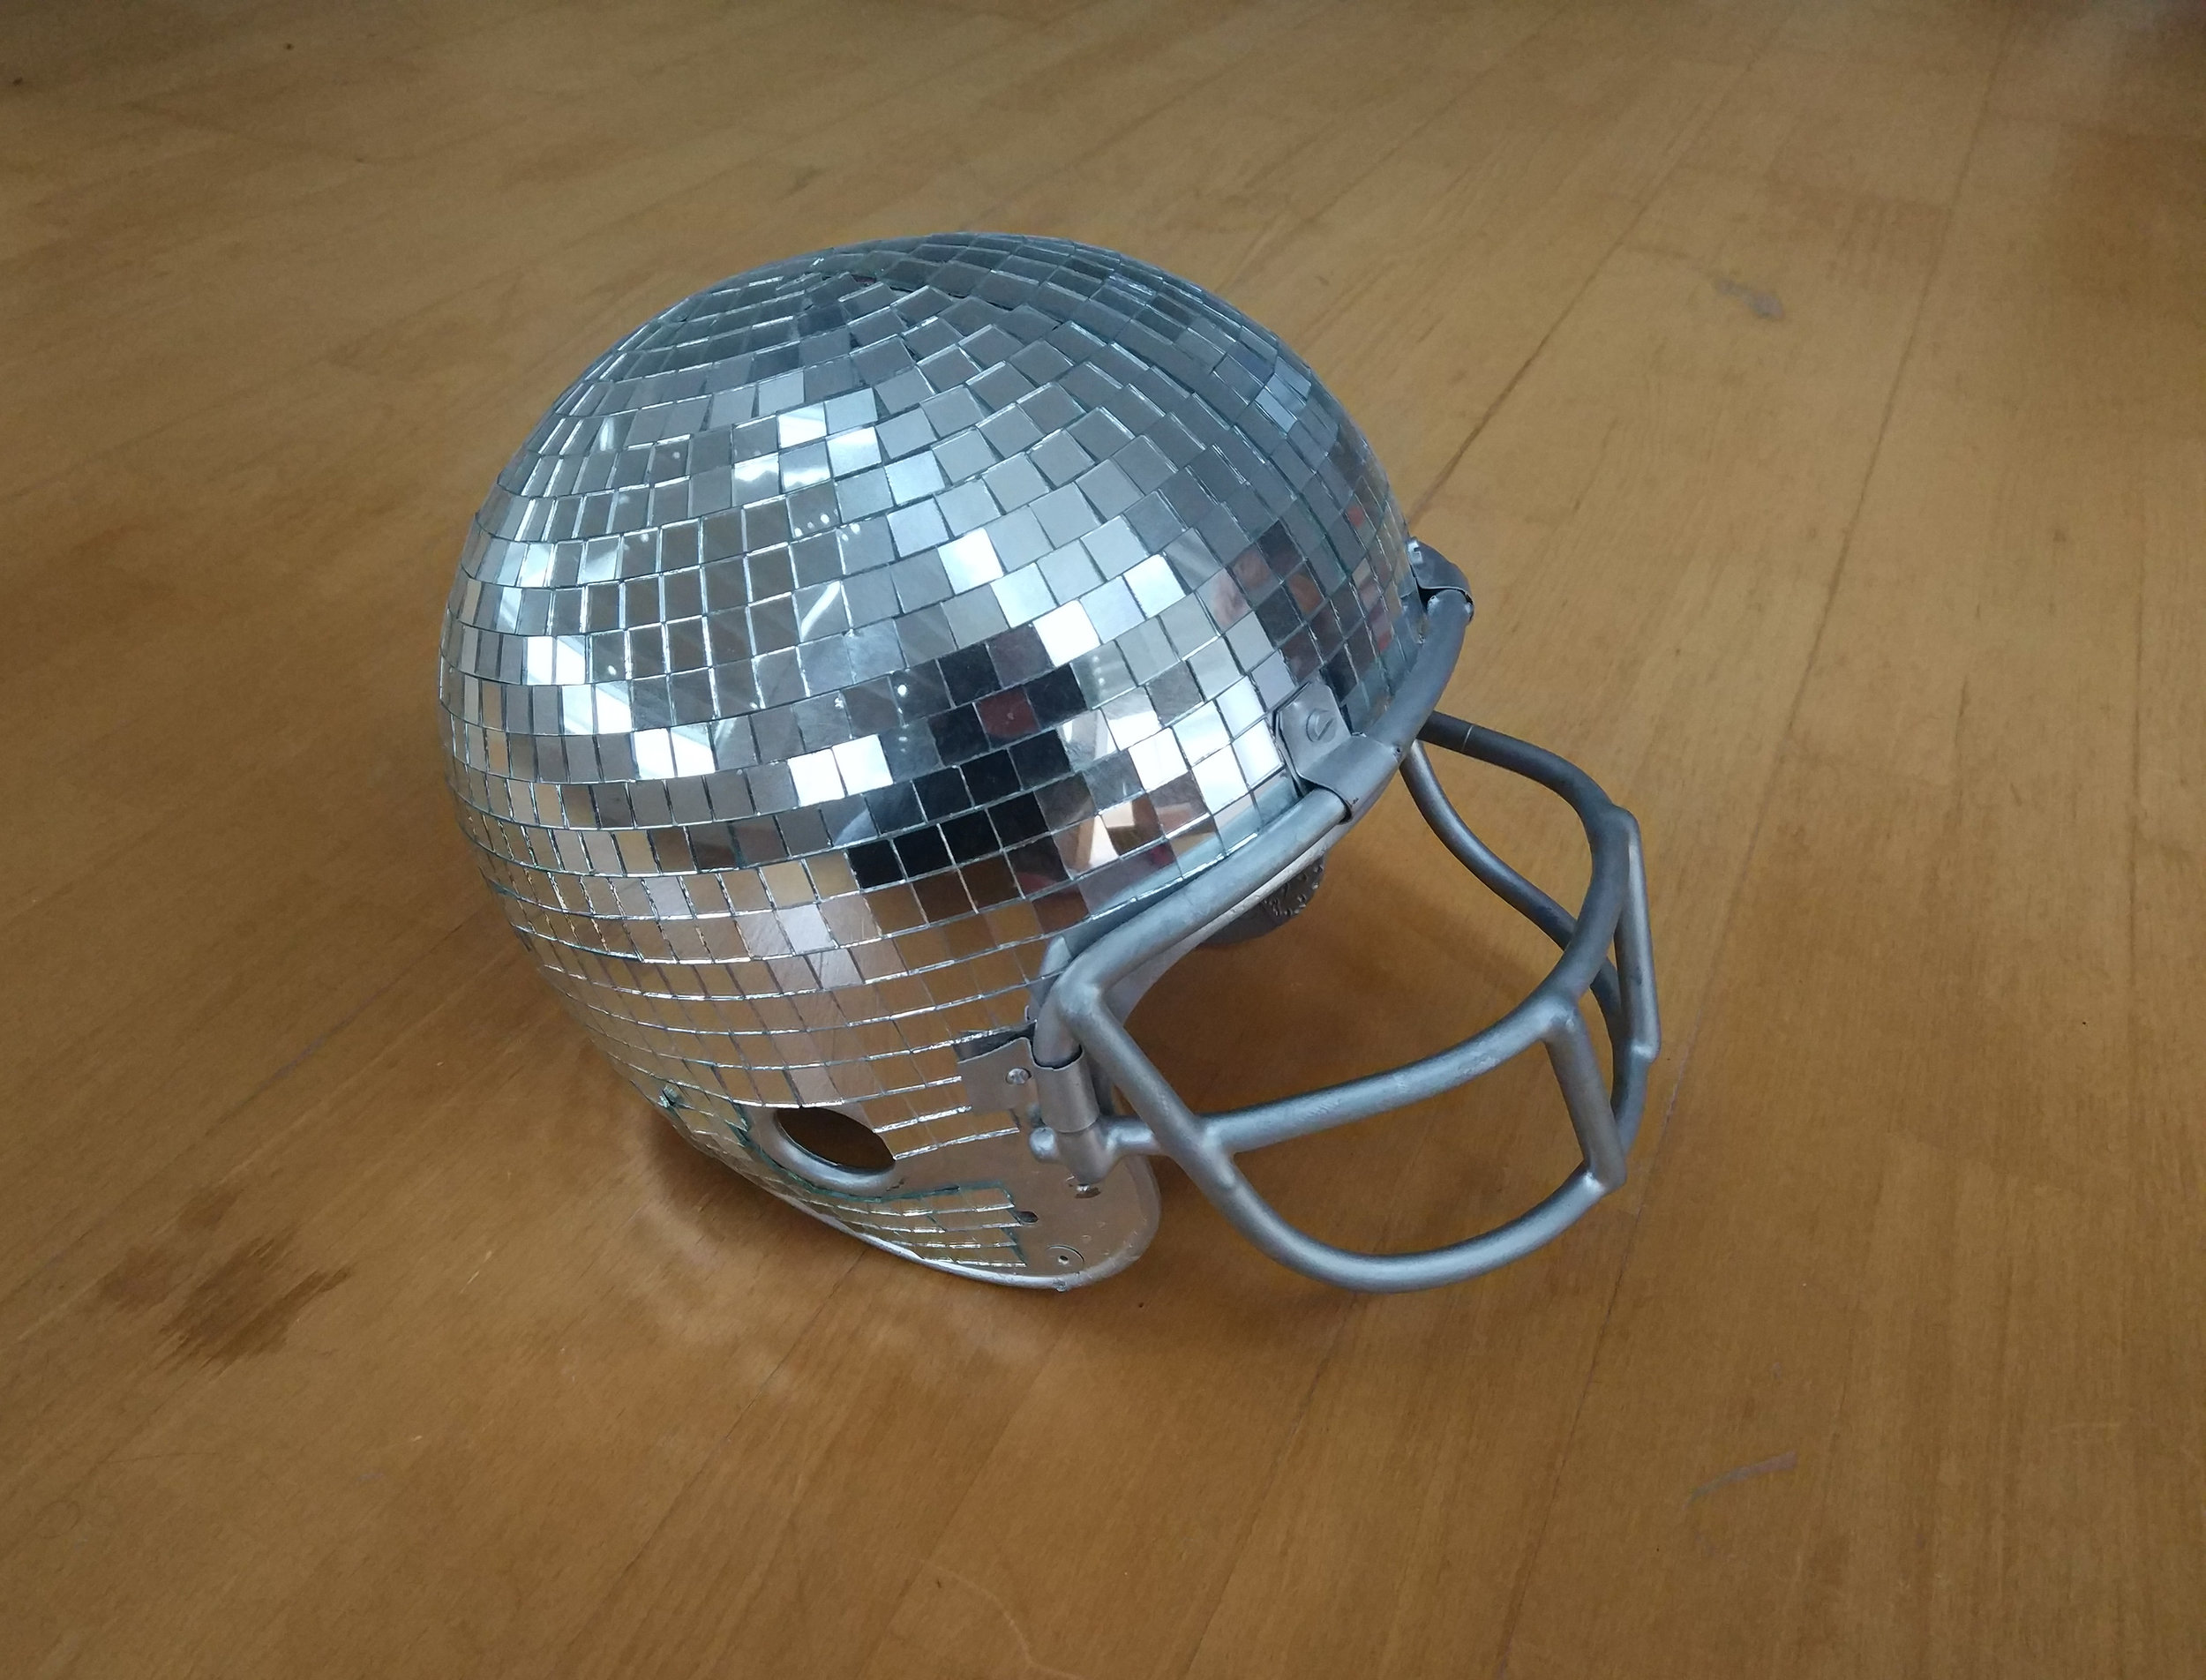 Mirror ball helmet